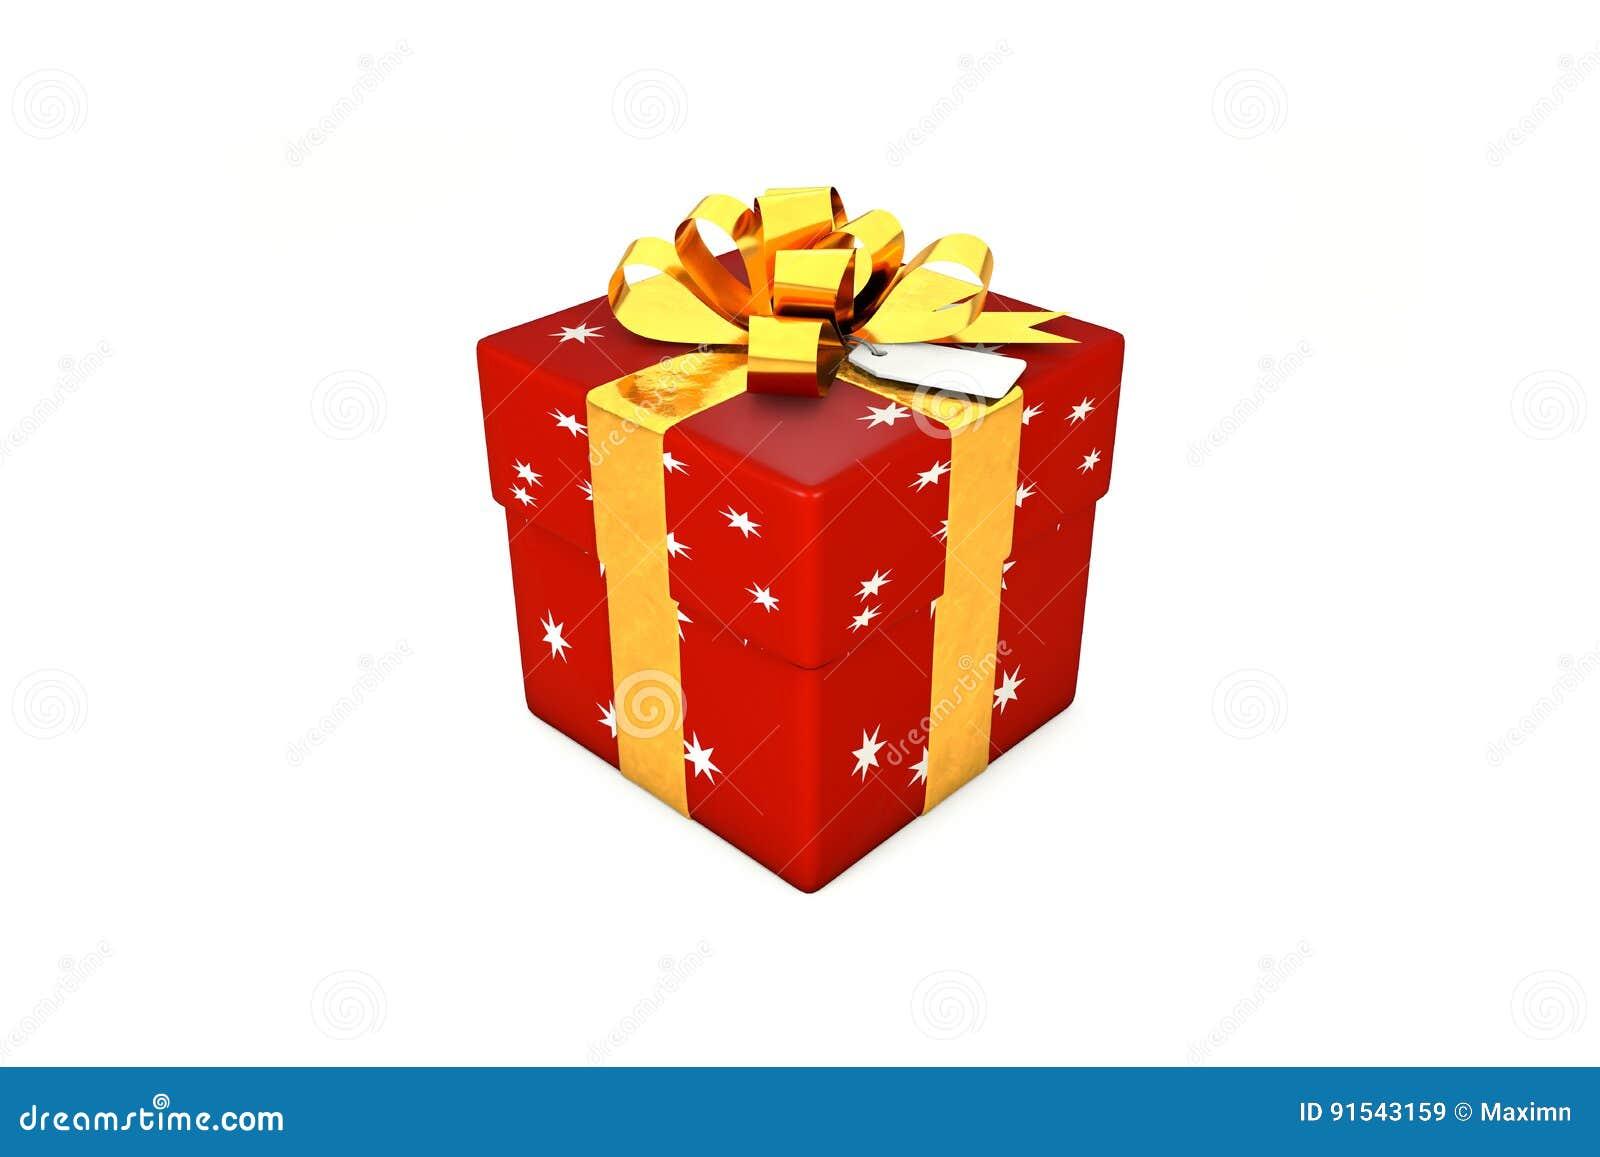 иллюстрация 3d: подарочная коробка Красно-шарлаха с звездой, золотой лентой металла/смычком и биркой на белой изолированной предп